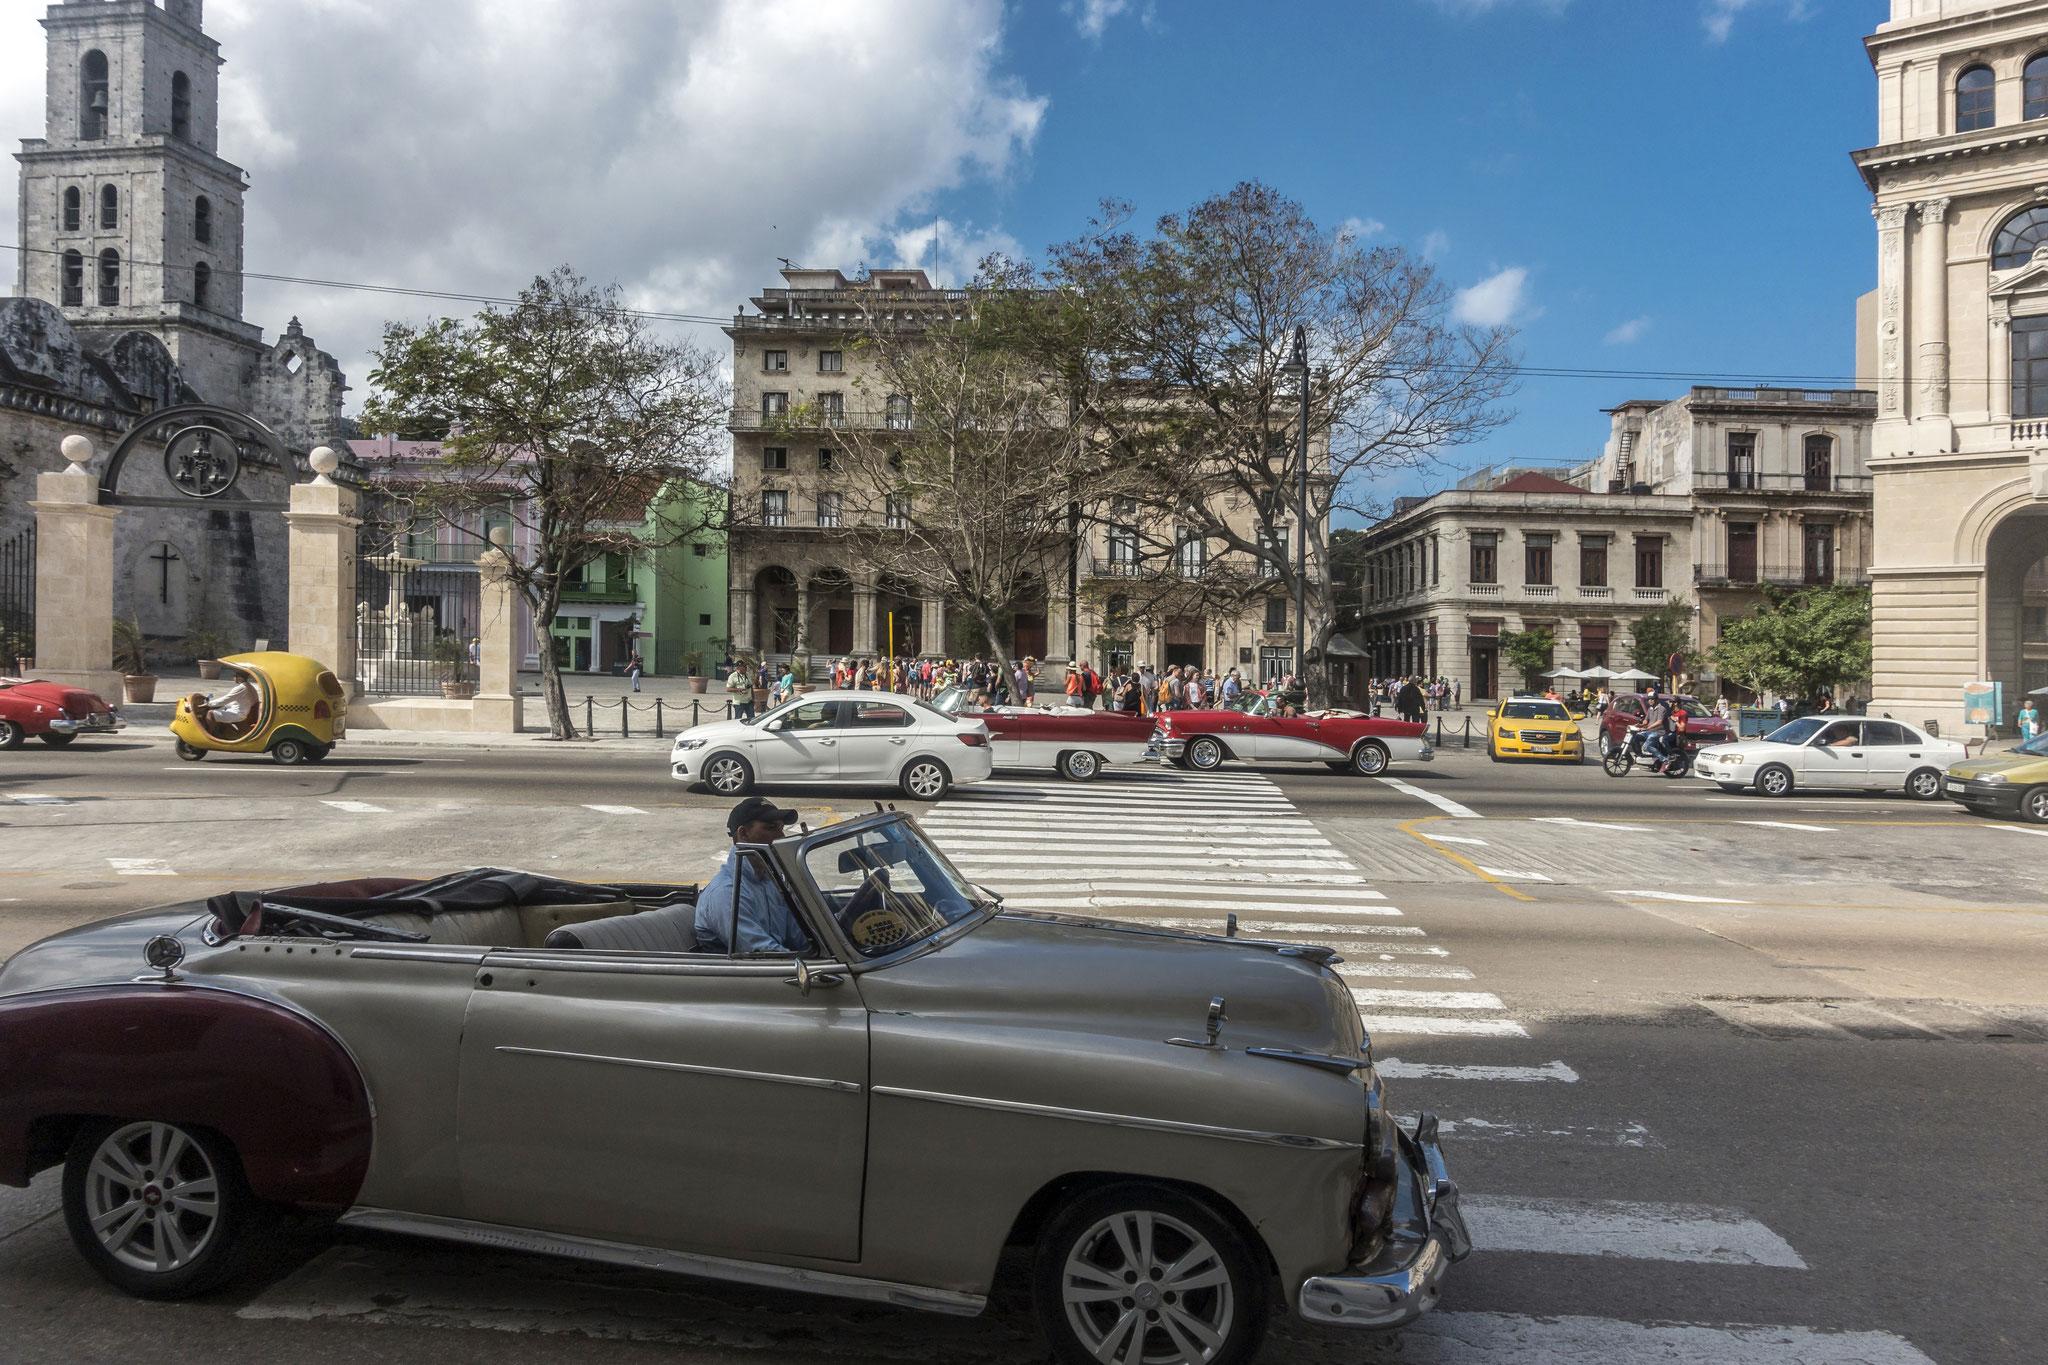 Erster Eindruck von Havanna bei der Ankunft mit dem Schiff: Plaza de San Francisco de Asis